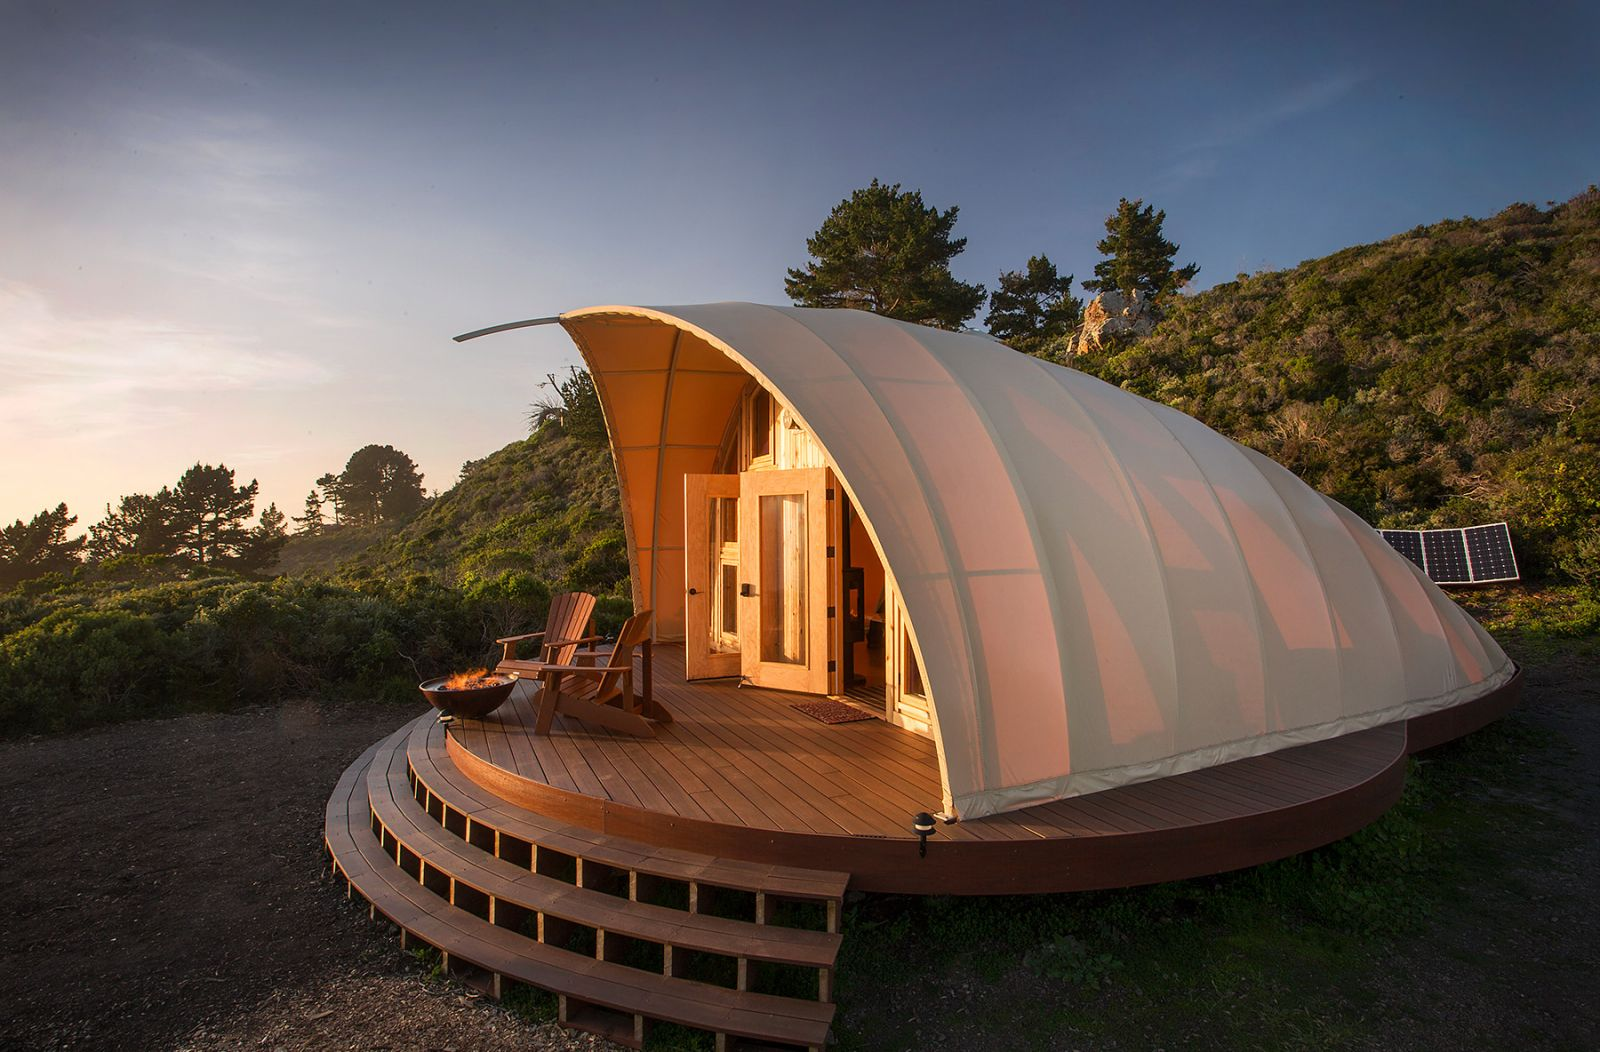 Luxus-Zelt, gehobener Urlaub